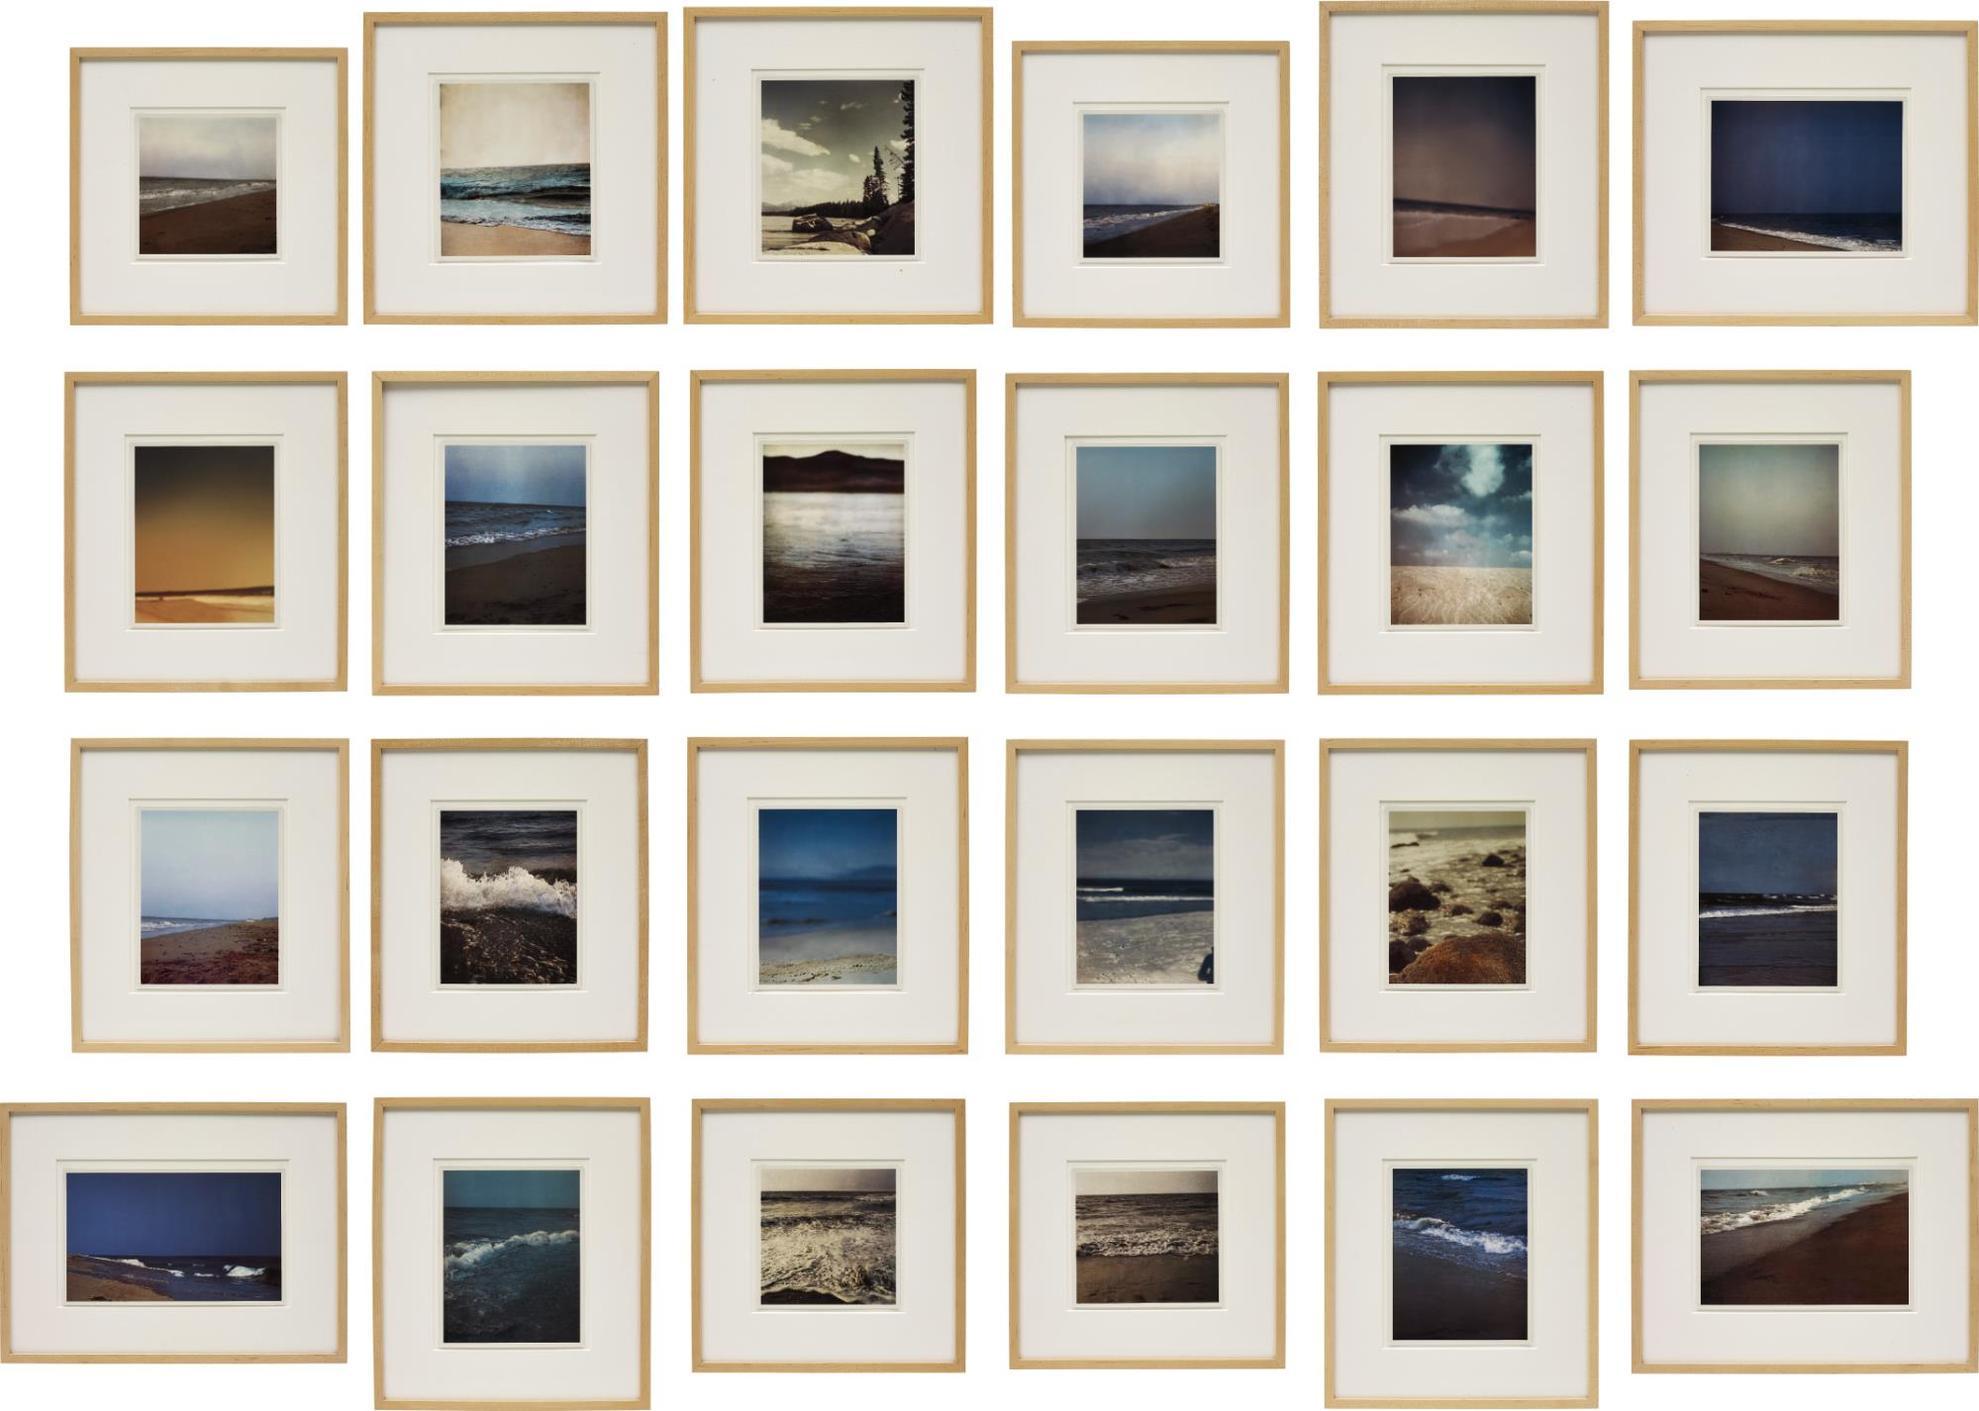 Paul Pfeiffer-24 Landscapes-2000